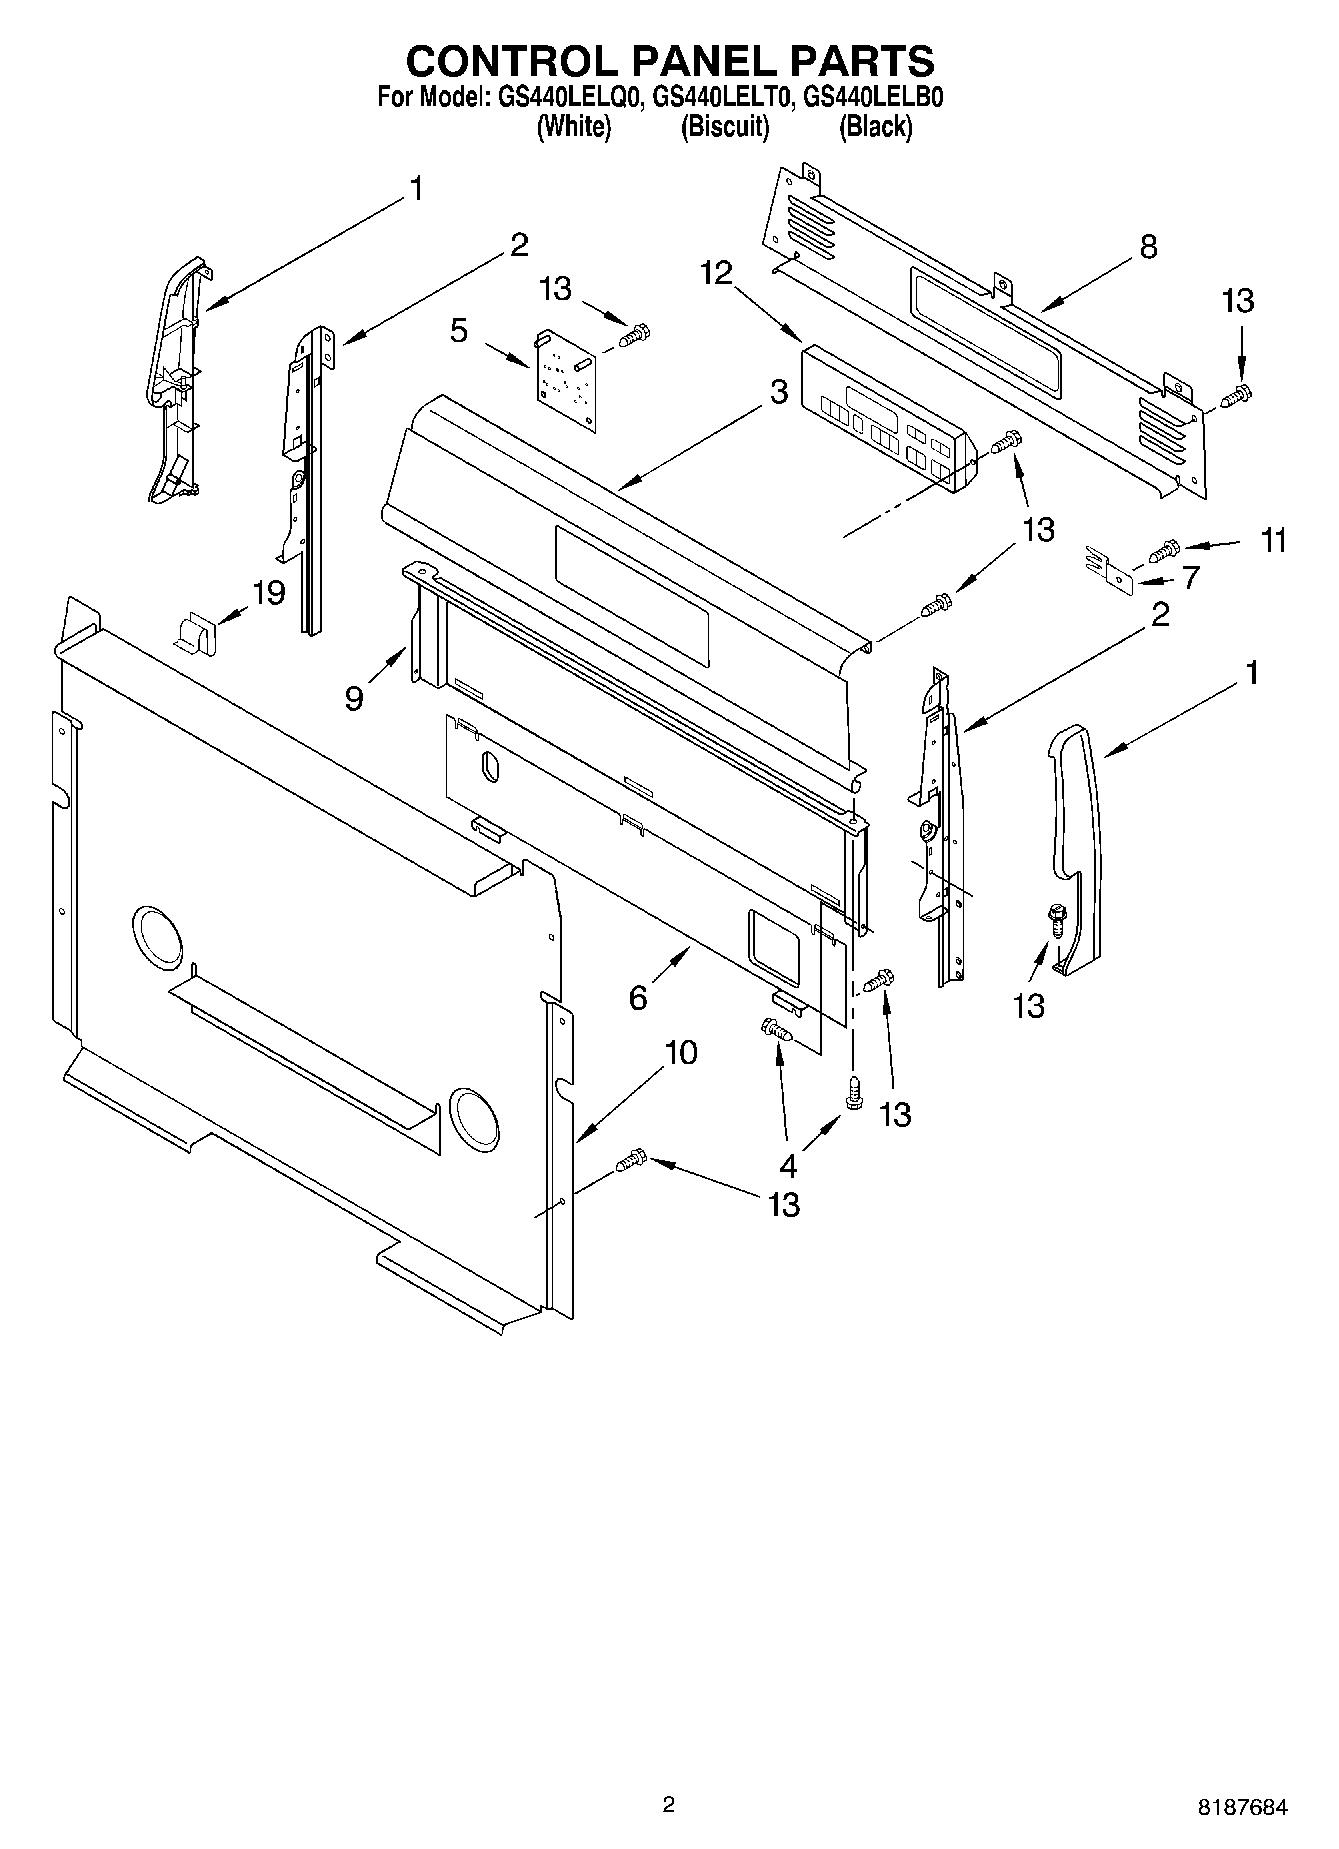 GS440LELB0